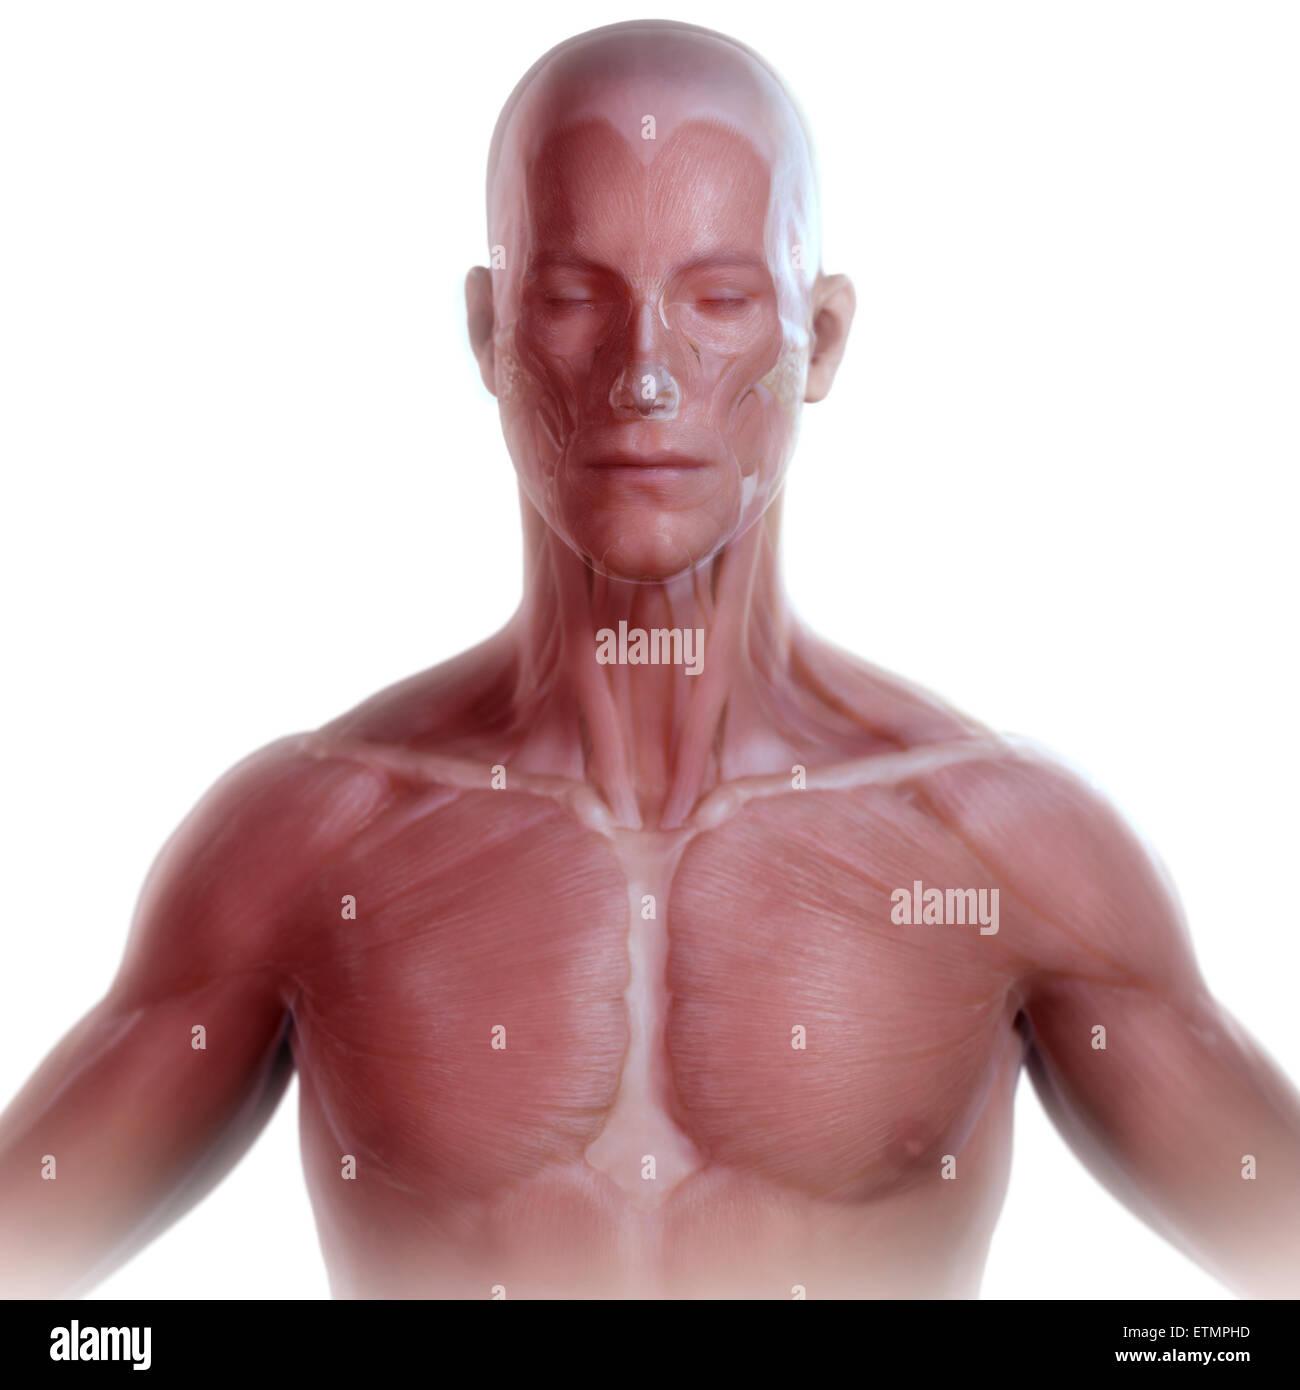 Immagine concettuale del viso e del corpo superiore con la muscolatura visibile sotto la pelle. Immagini Stock